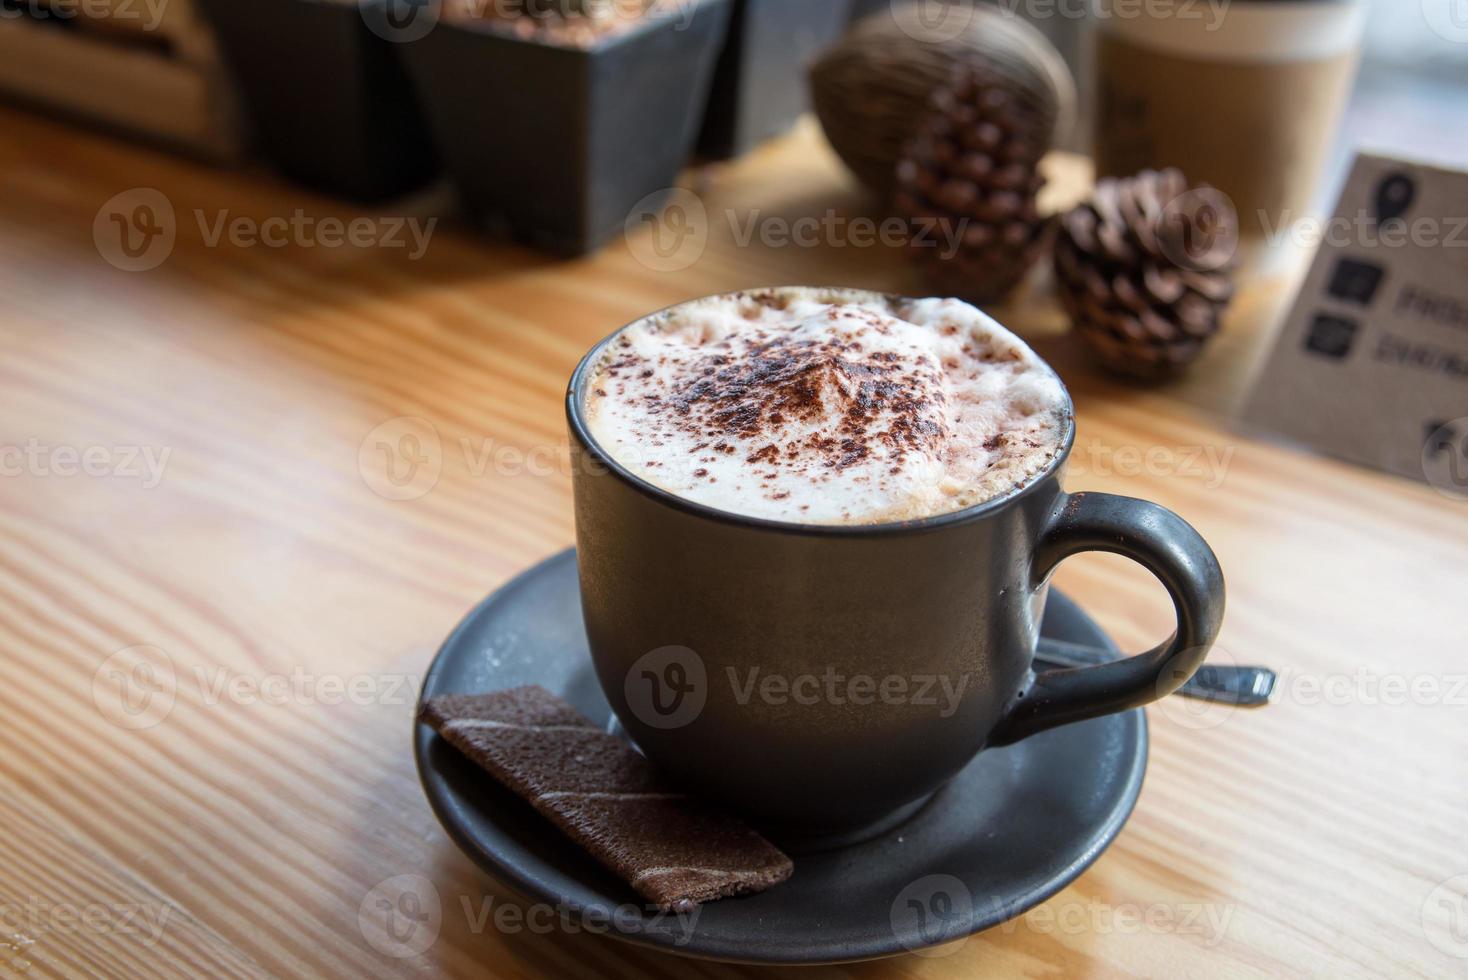 ontspannen tijd met koffie en koekjes in koffie cafe foto